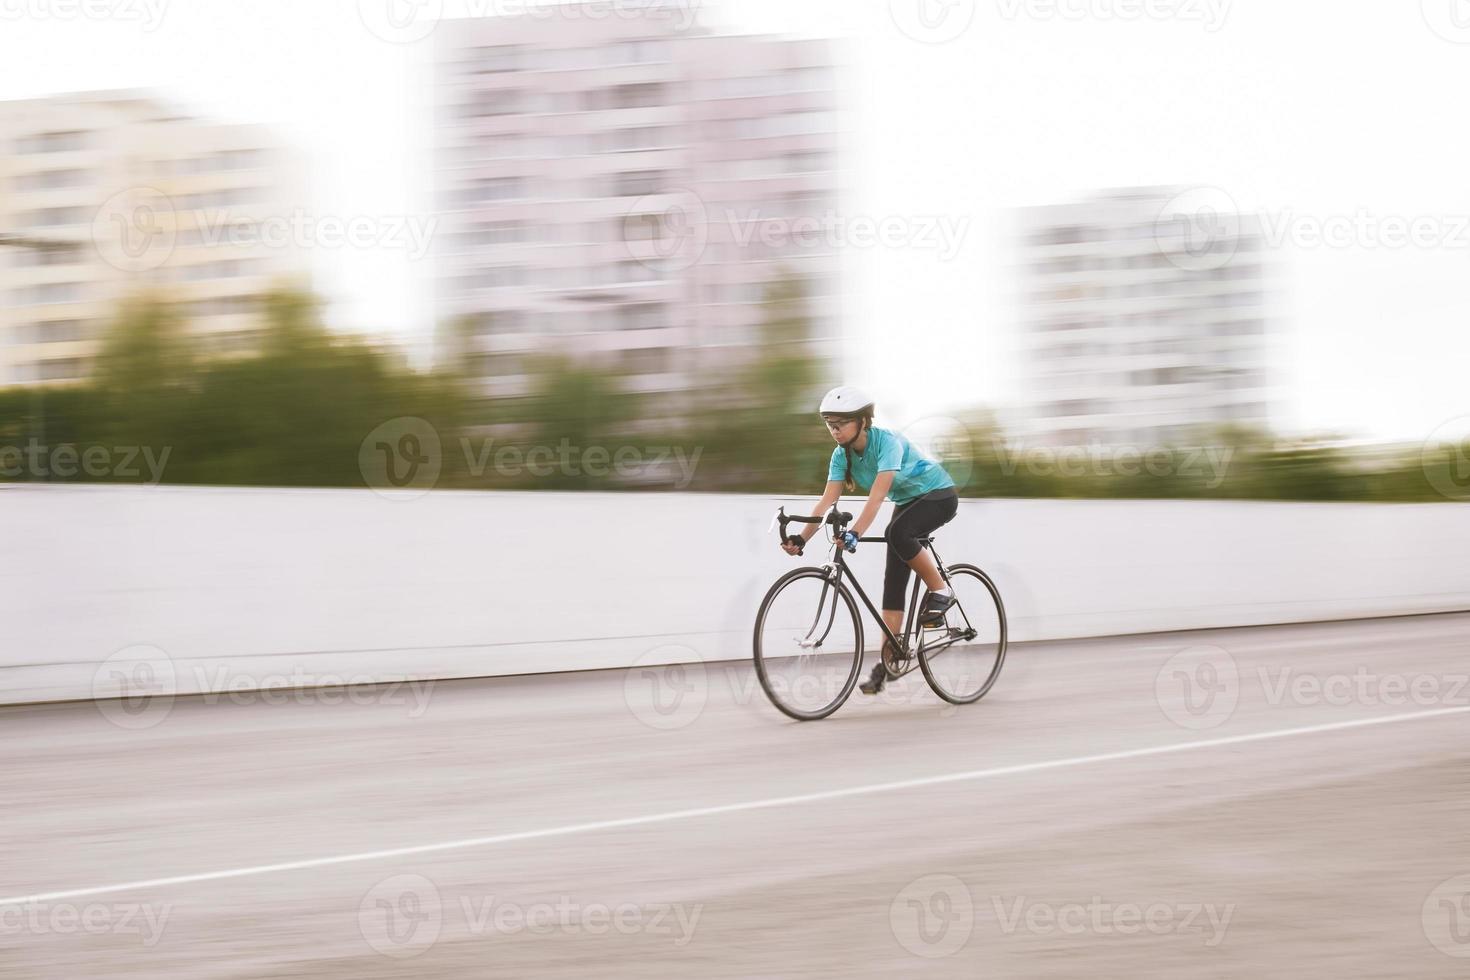 unga kvinnliga idrottare tävlar på en cykel. rörelse suddig bild foto